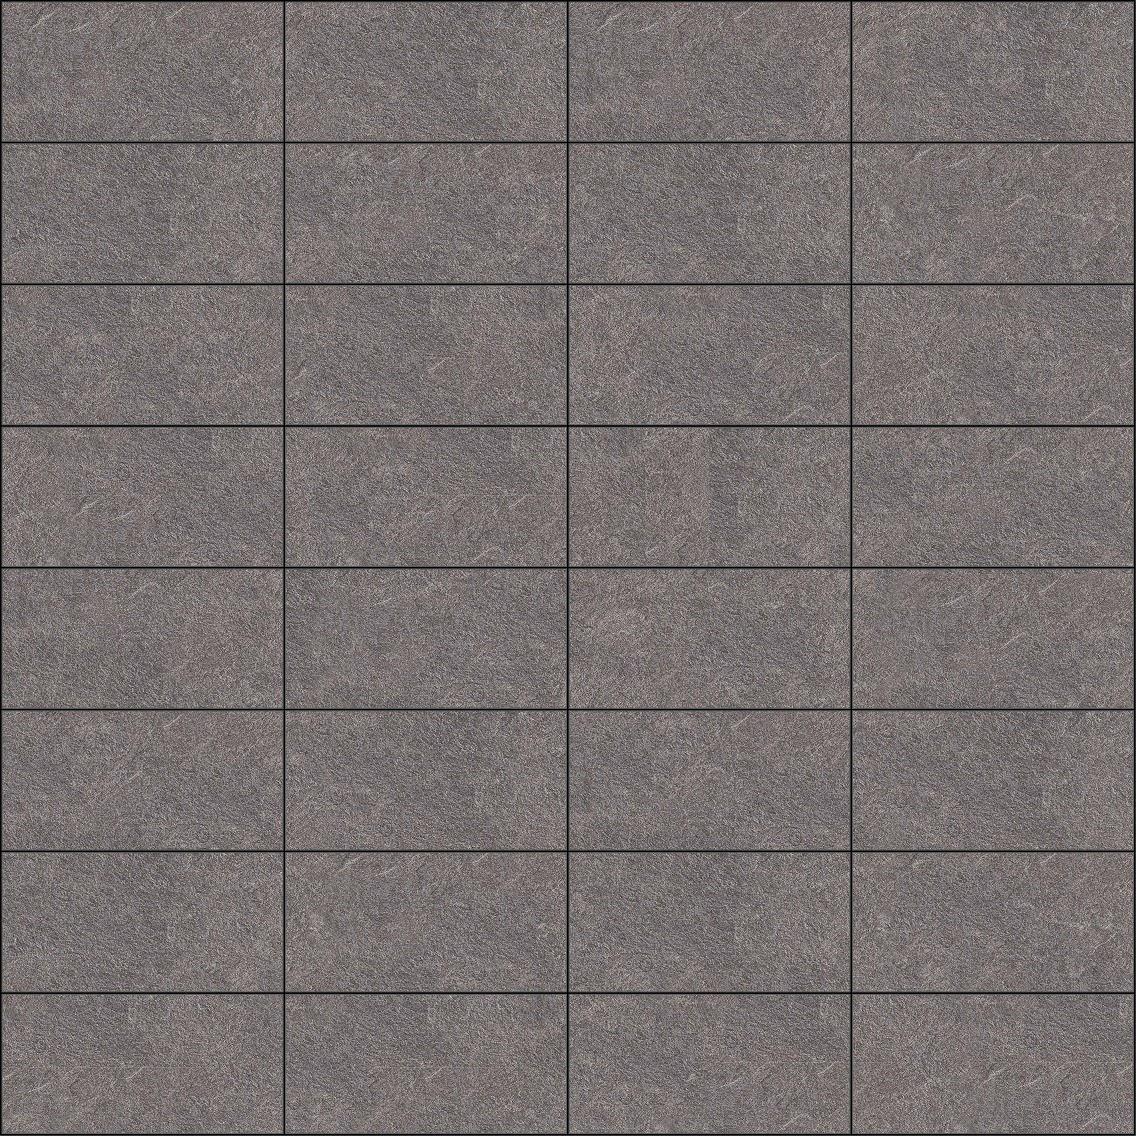 simo texture seamless piastrelle